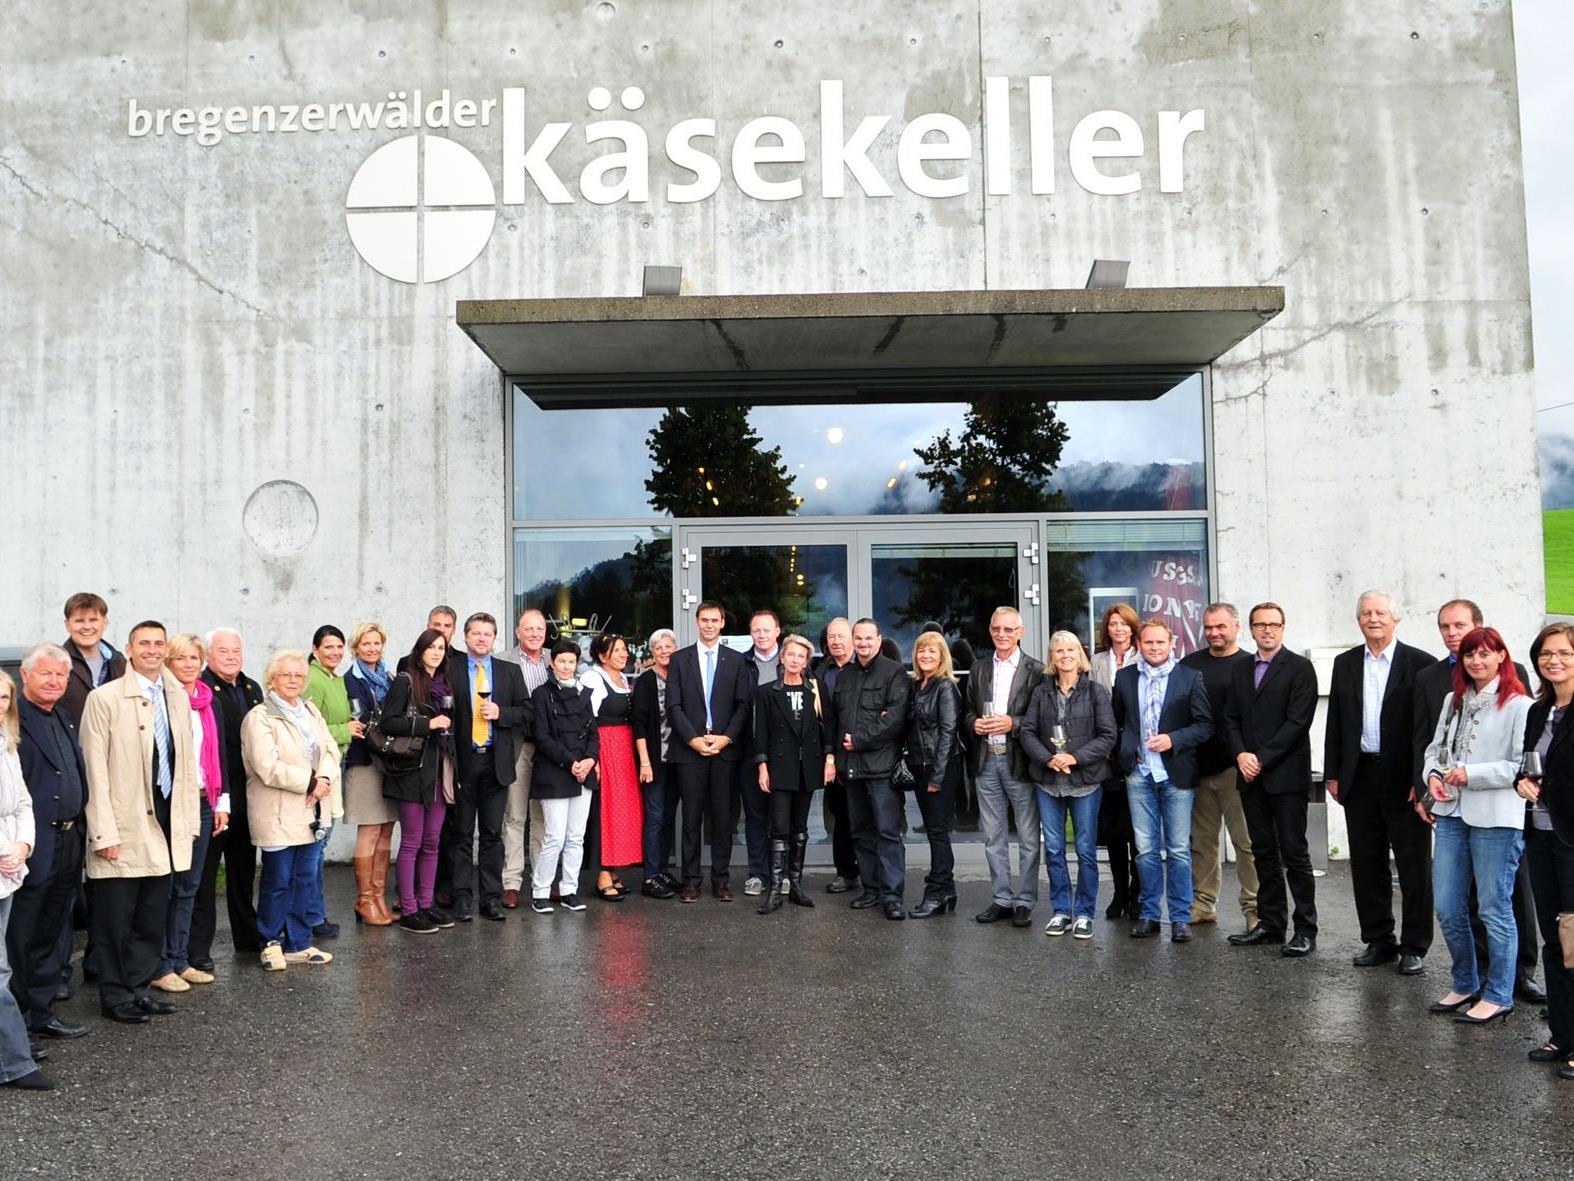 Gildenball-Event im Käsekeller Lingenau.